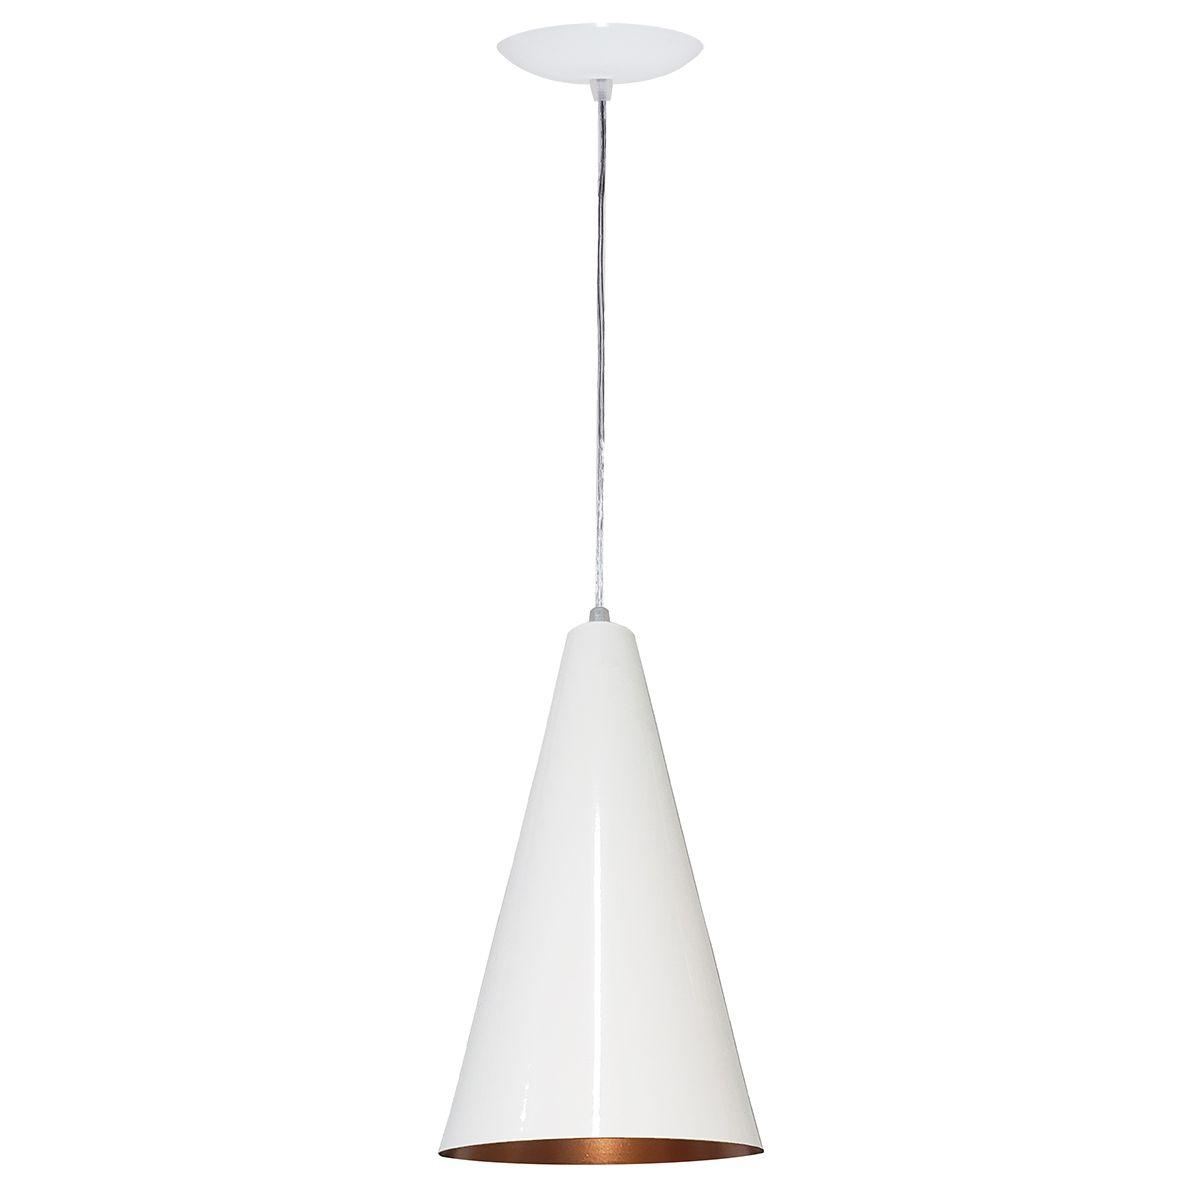 Luminária Decorativa Cônico Mini Branco/Cobre com Pendente